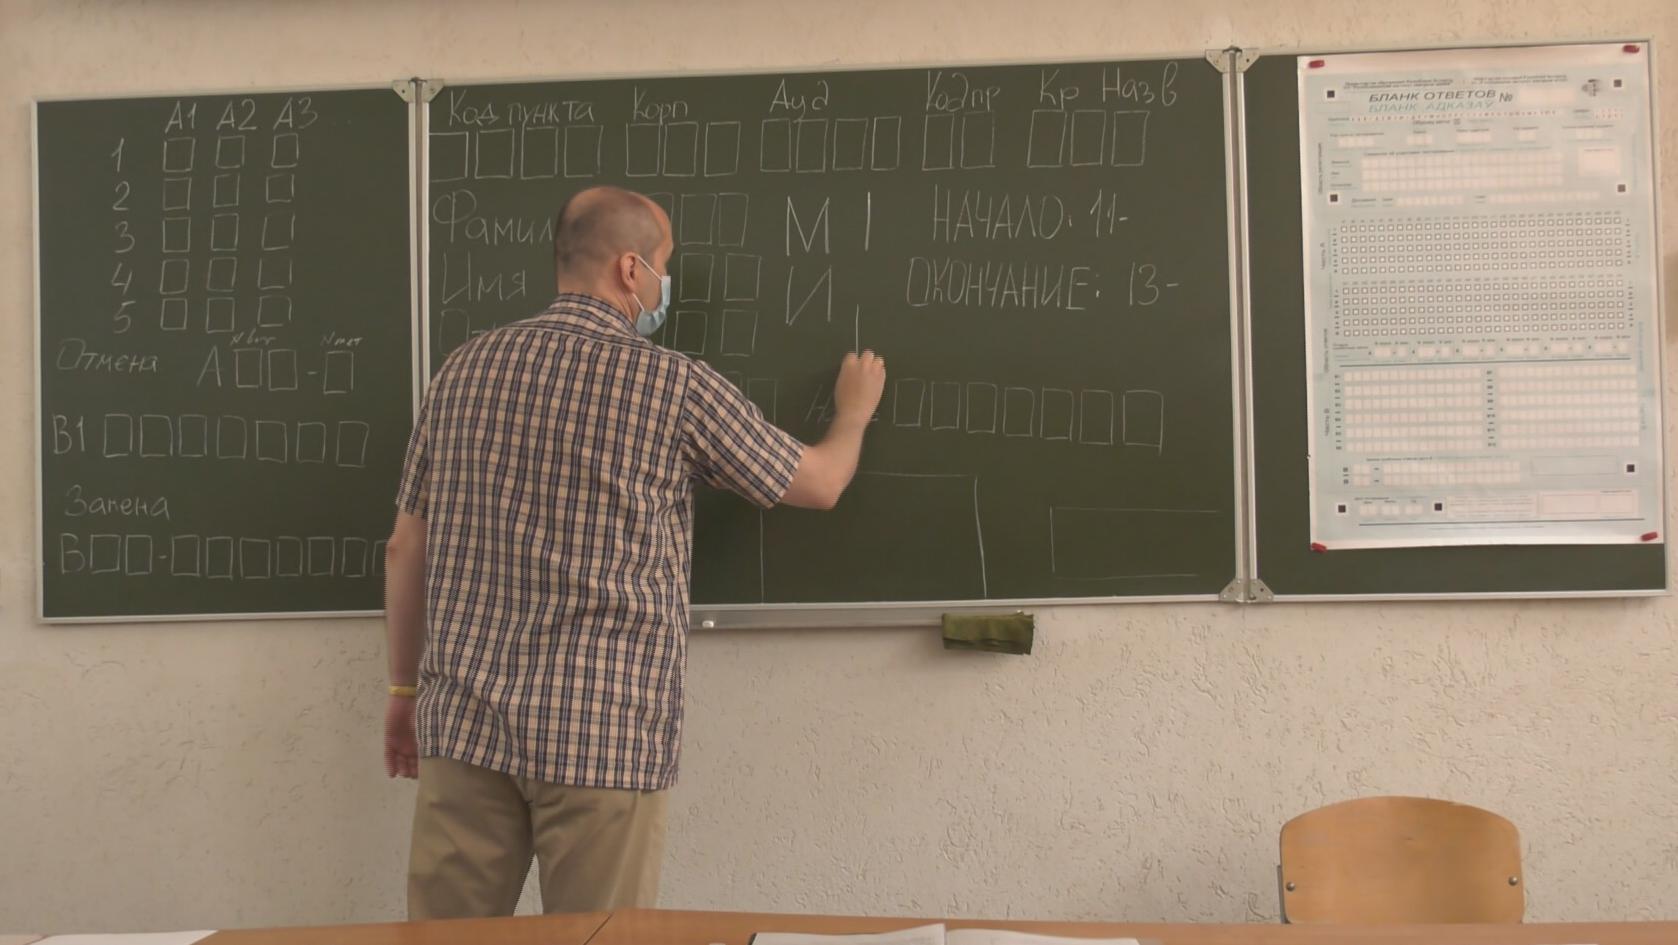 ct - Абитуриенты сдали первое ЦТ. Как проходили испытания в Витебске? (видео)